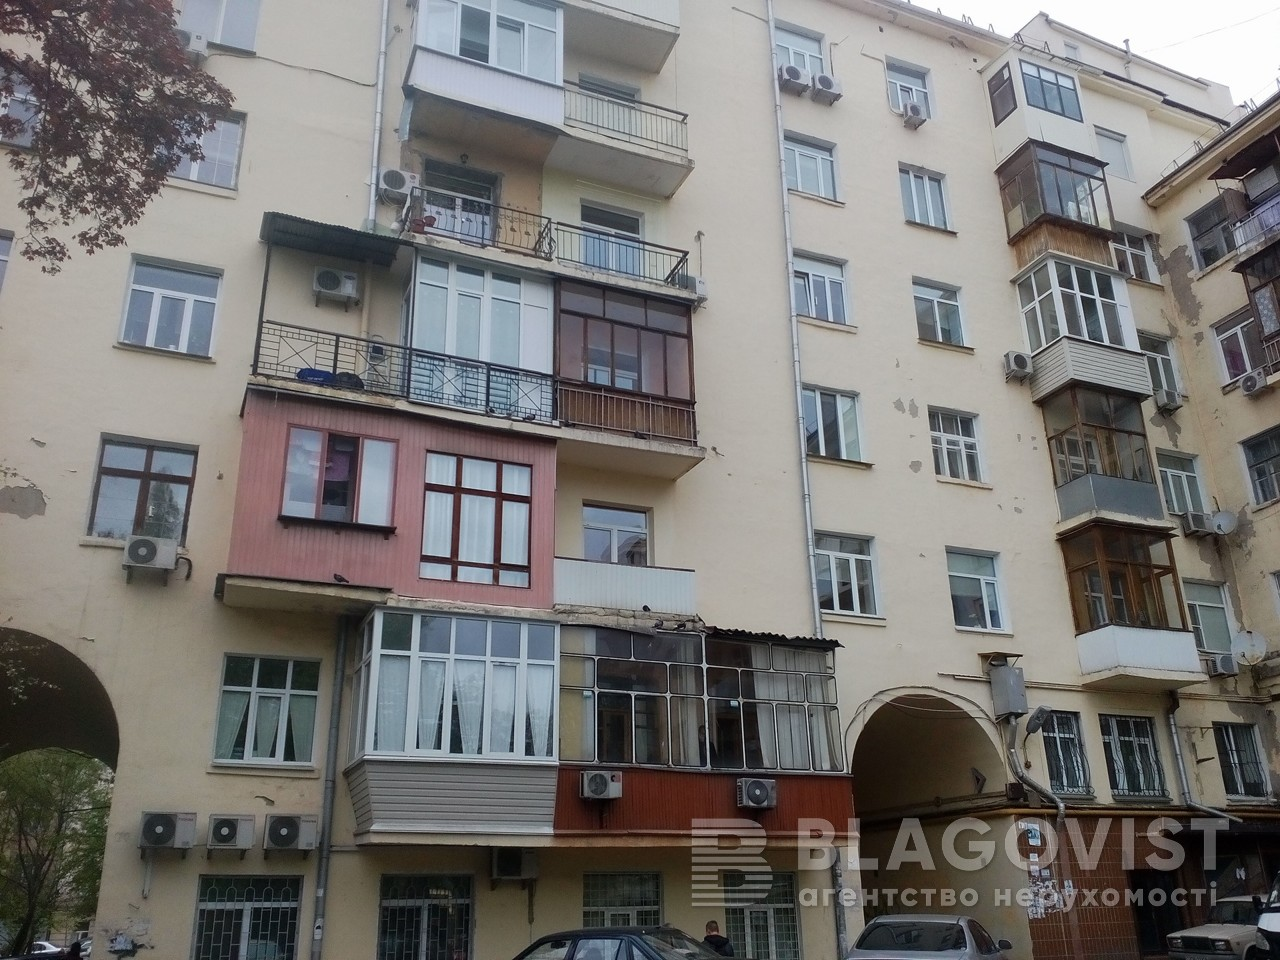 Квартира M-33541, Володимирська, 71, Київ - Фото 2